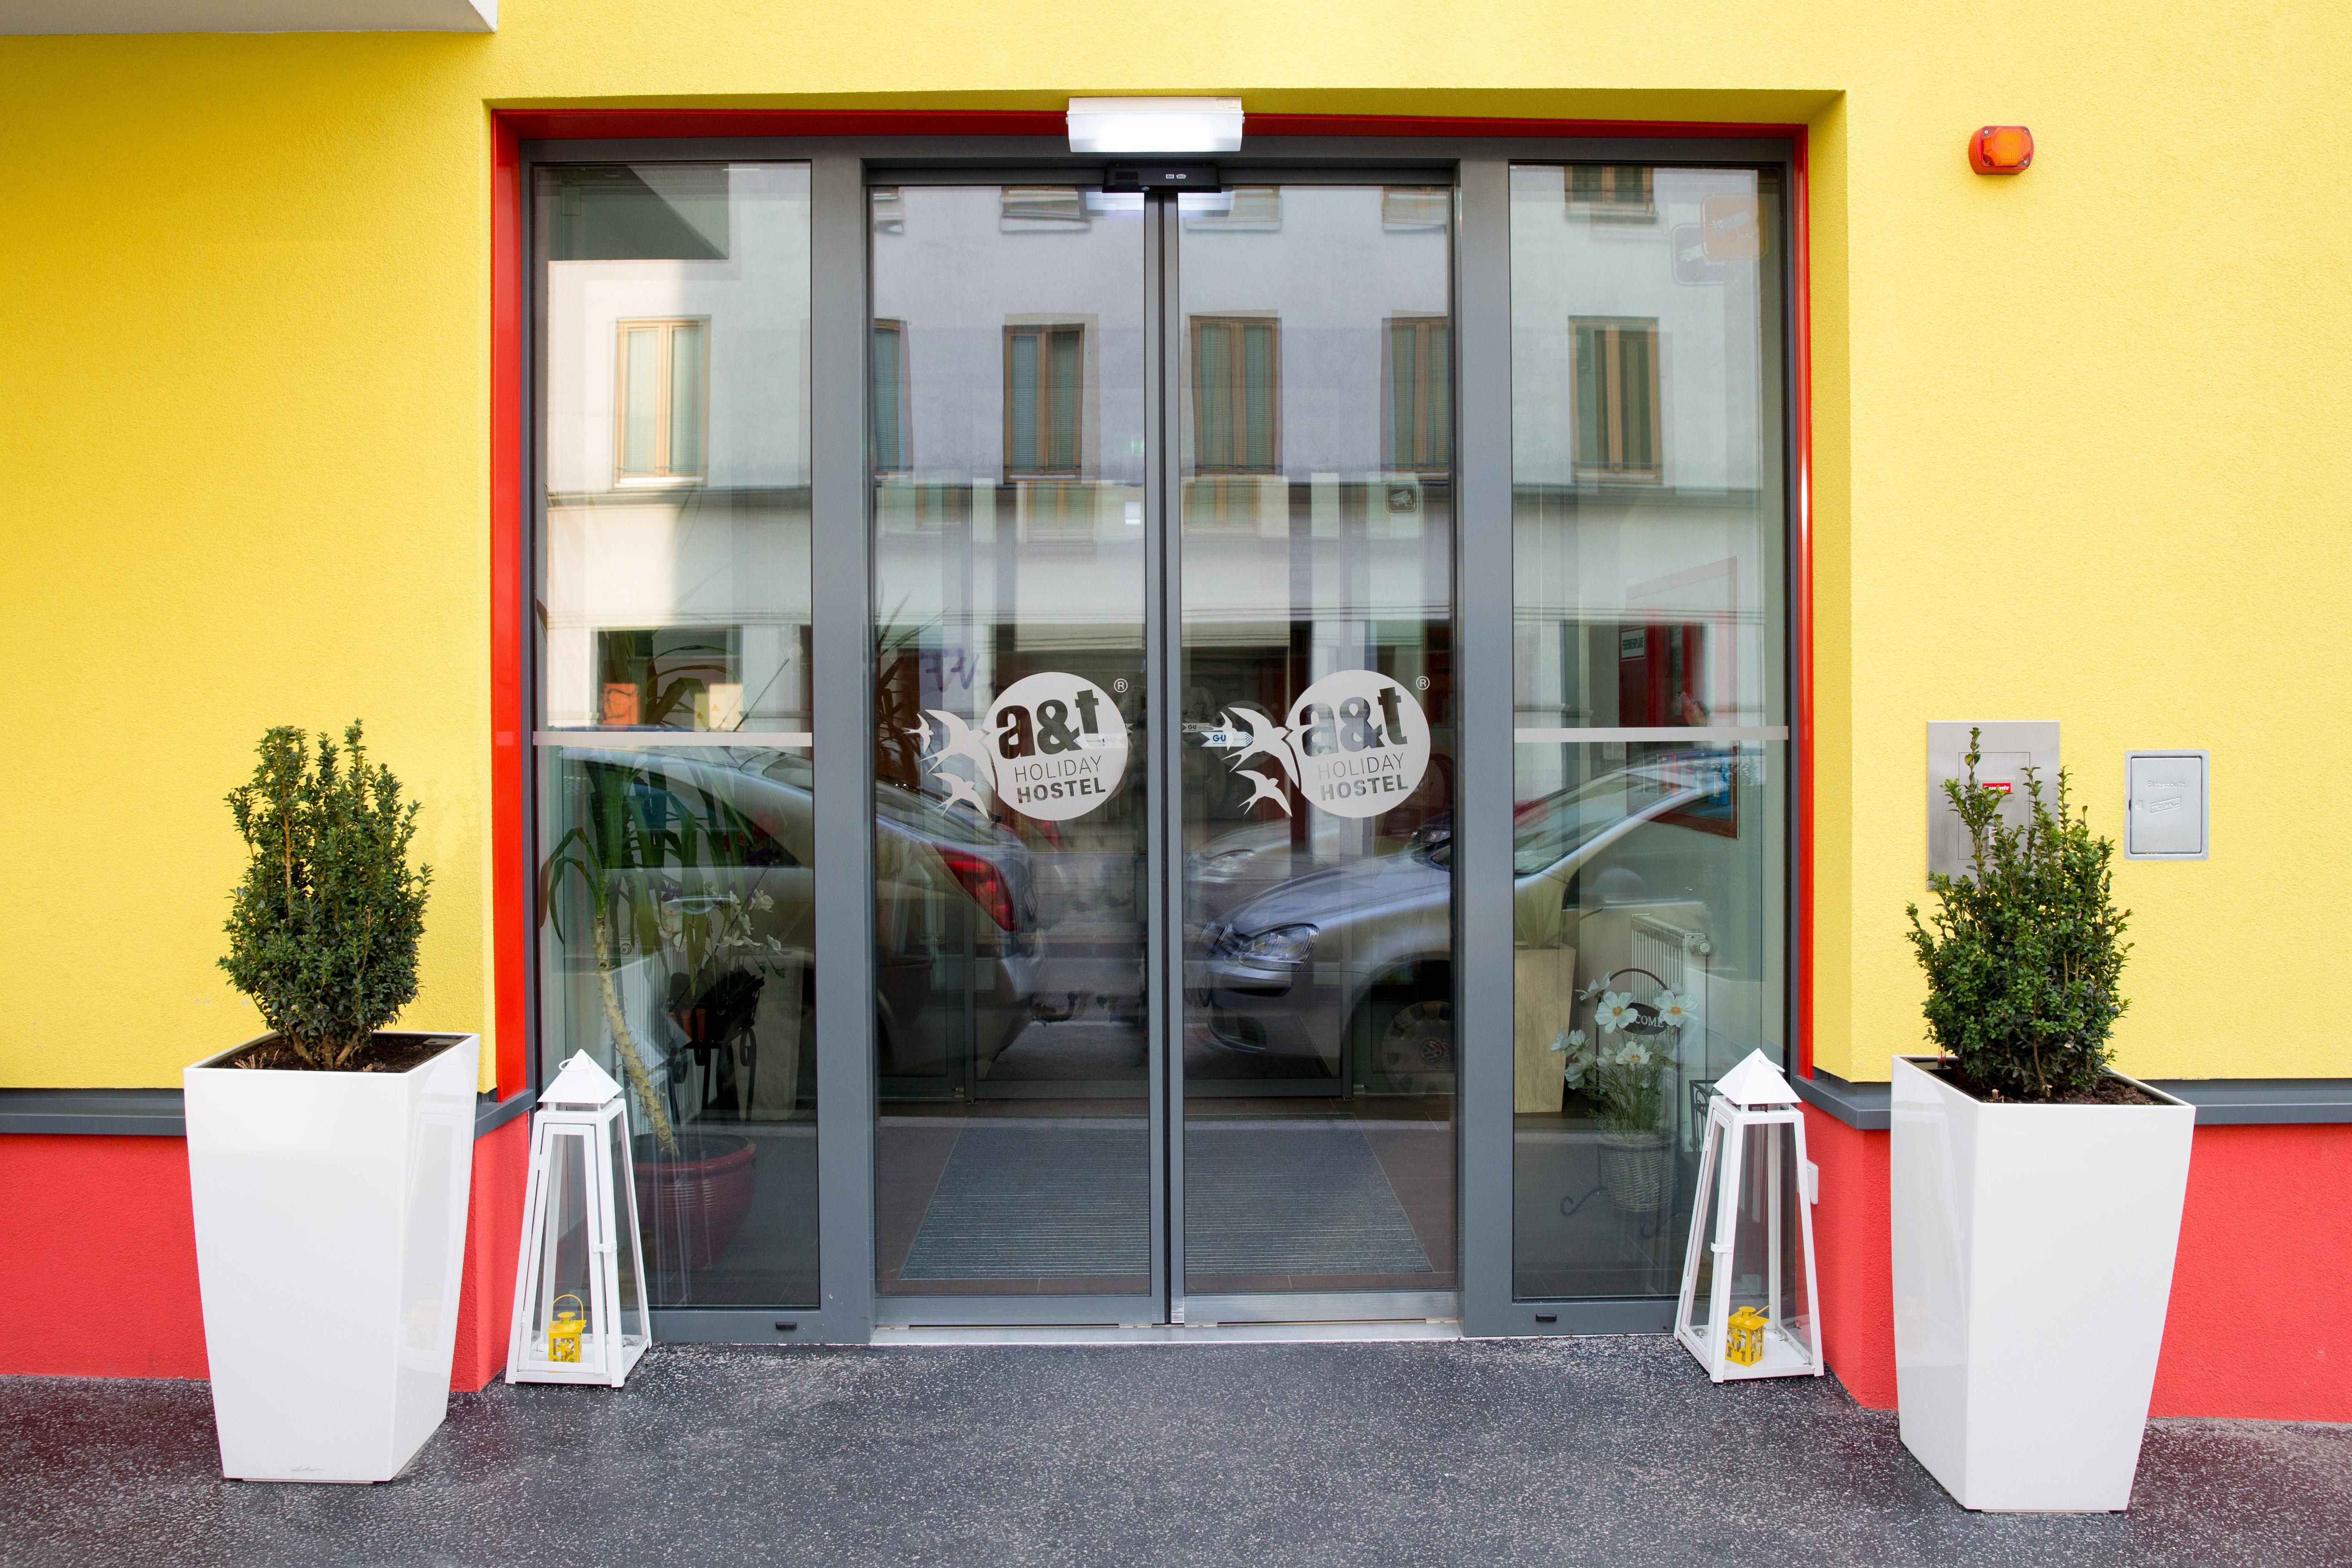 a+t Holiday Hostel, Leibnizgasse 66, 1100 Wien